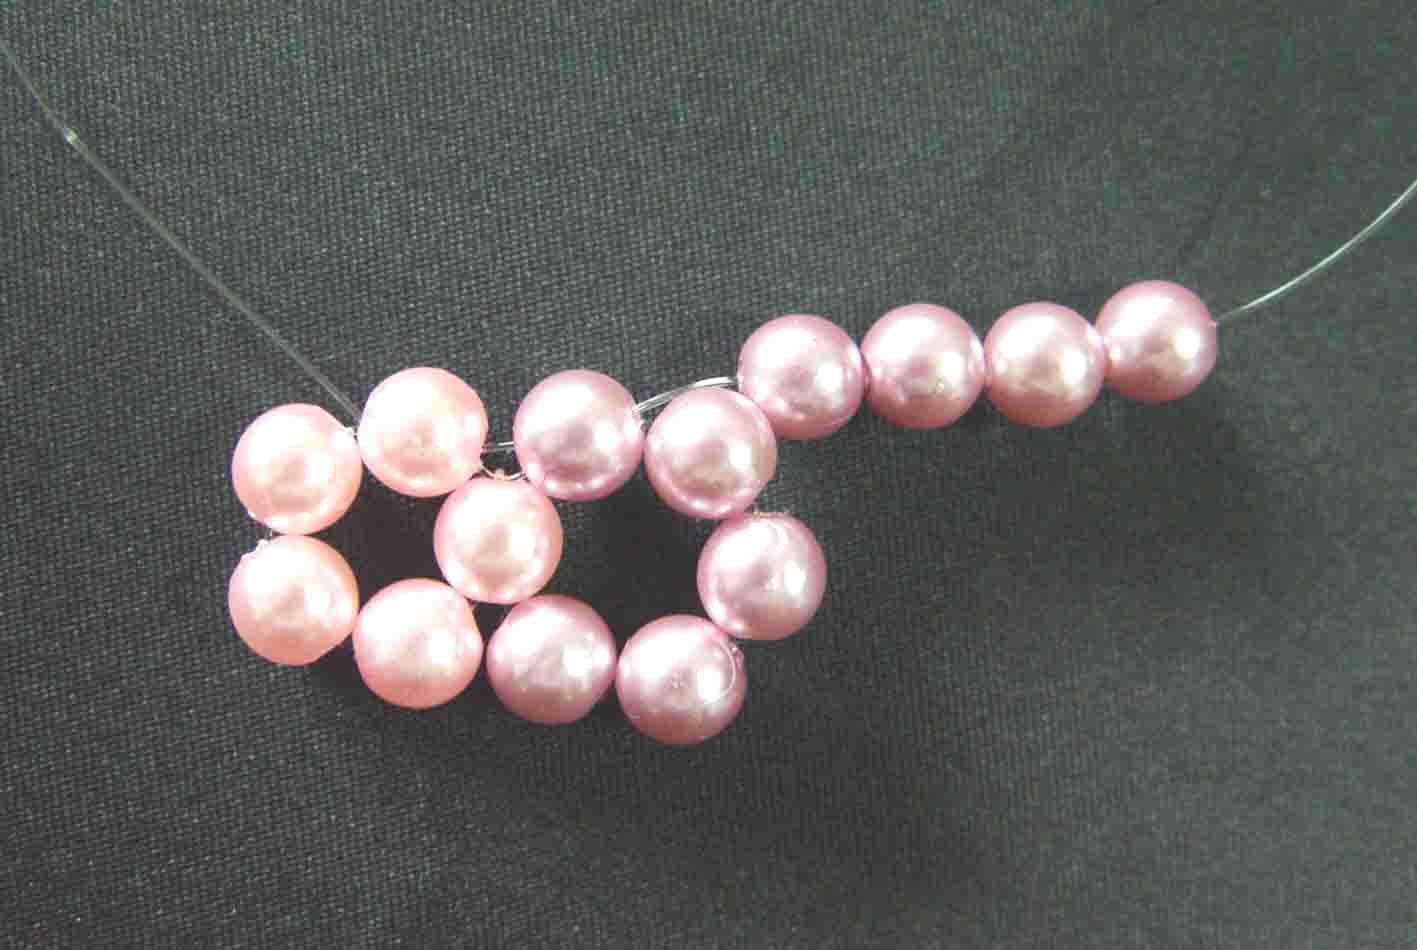 10、右边穿入4粒珠珠